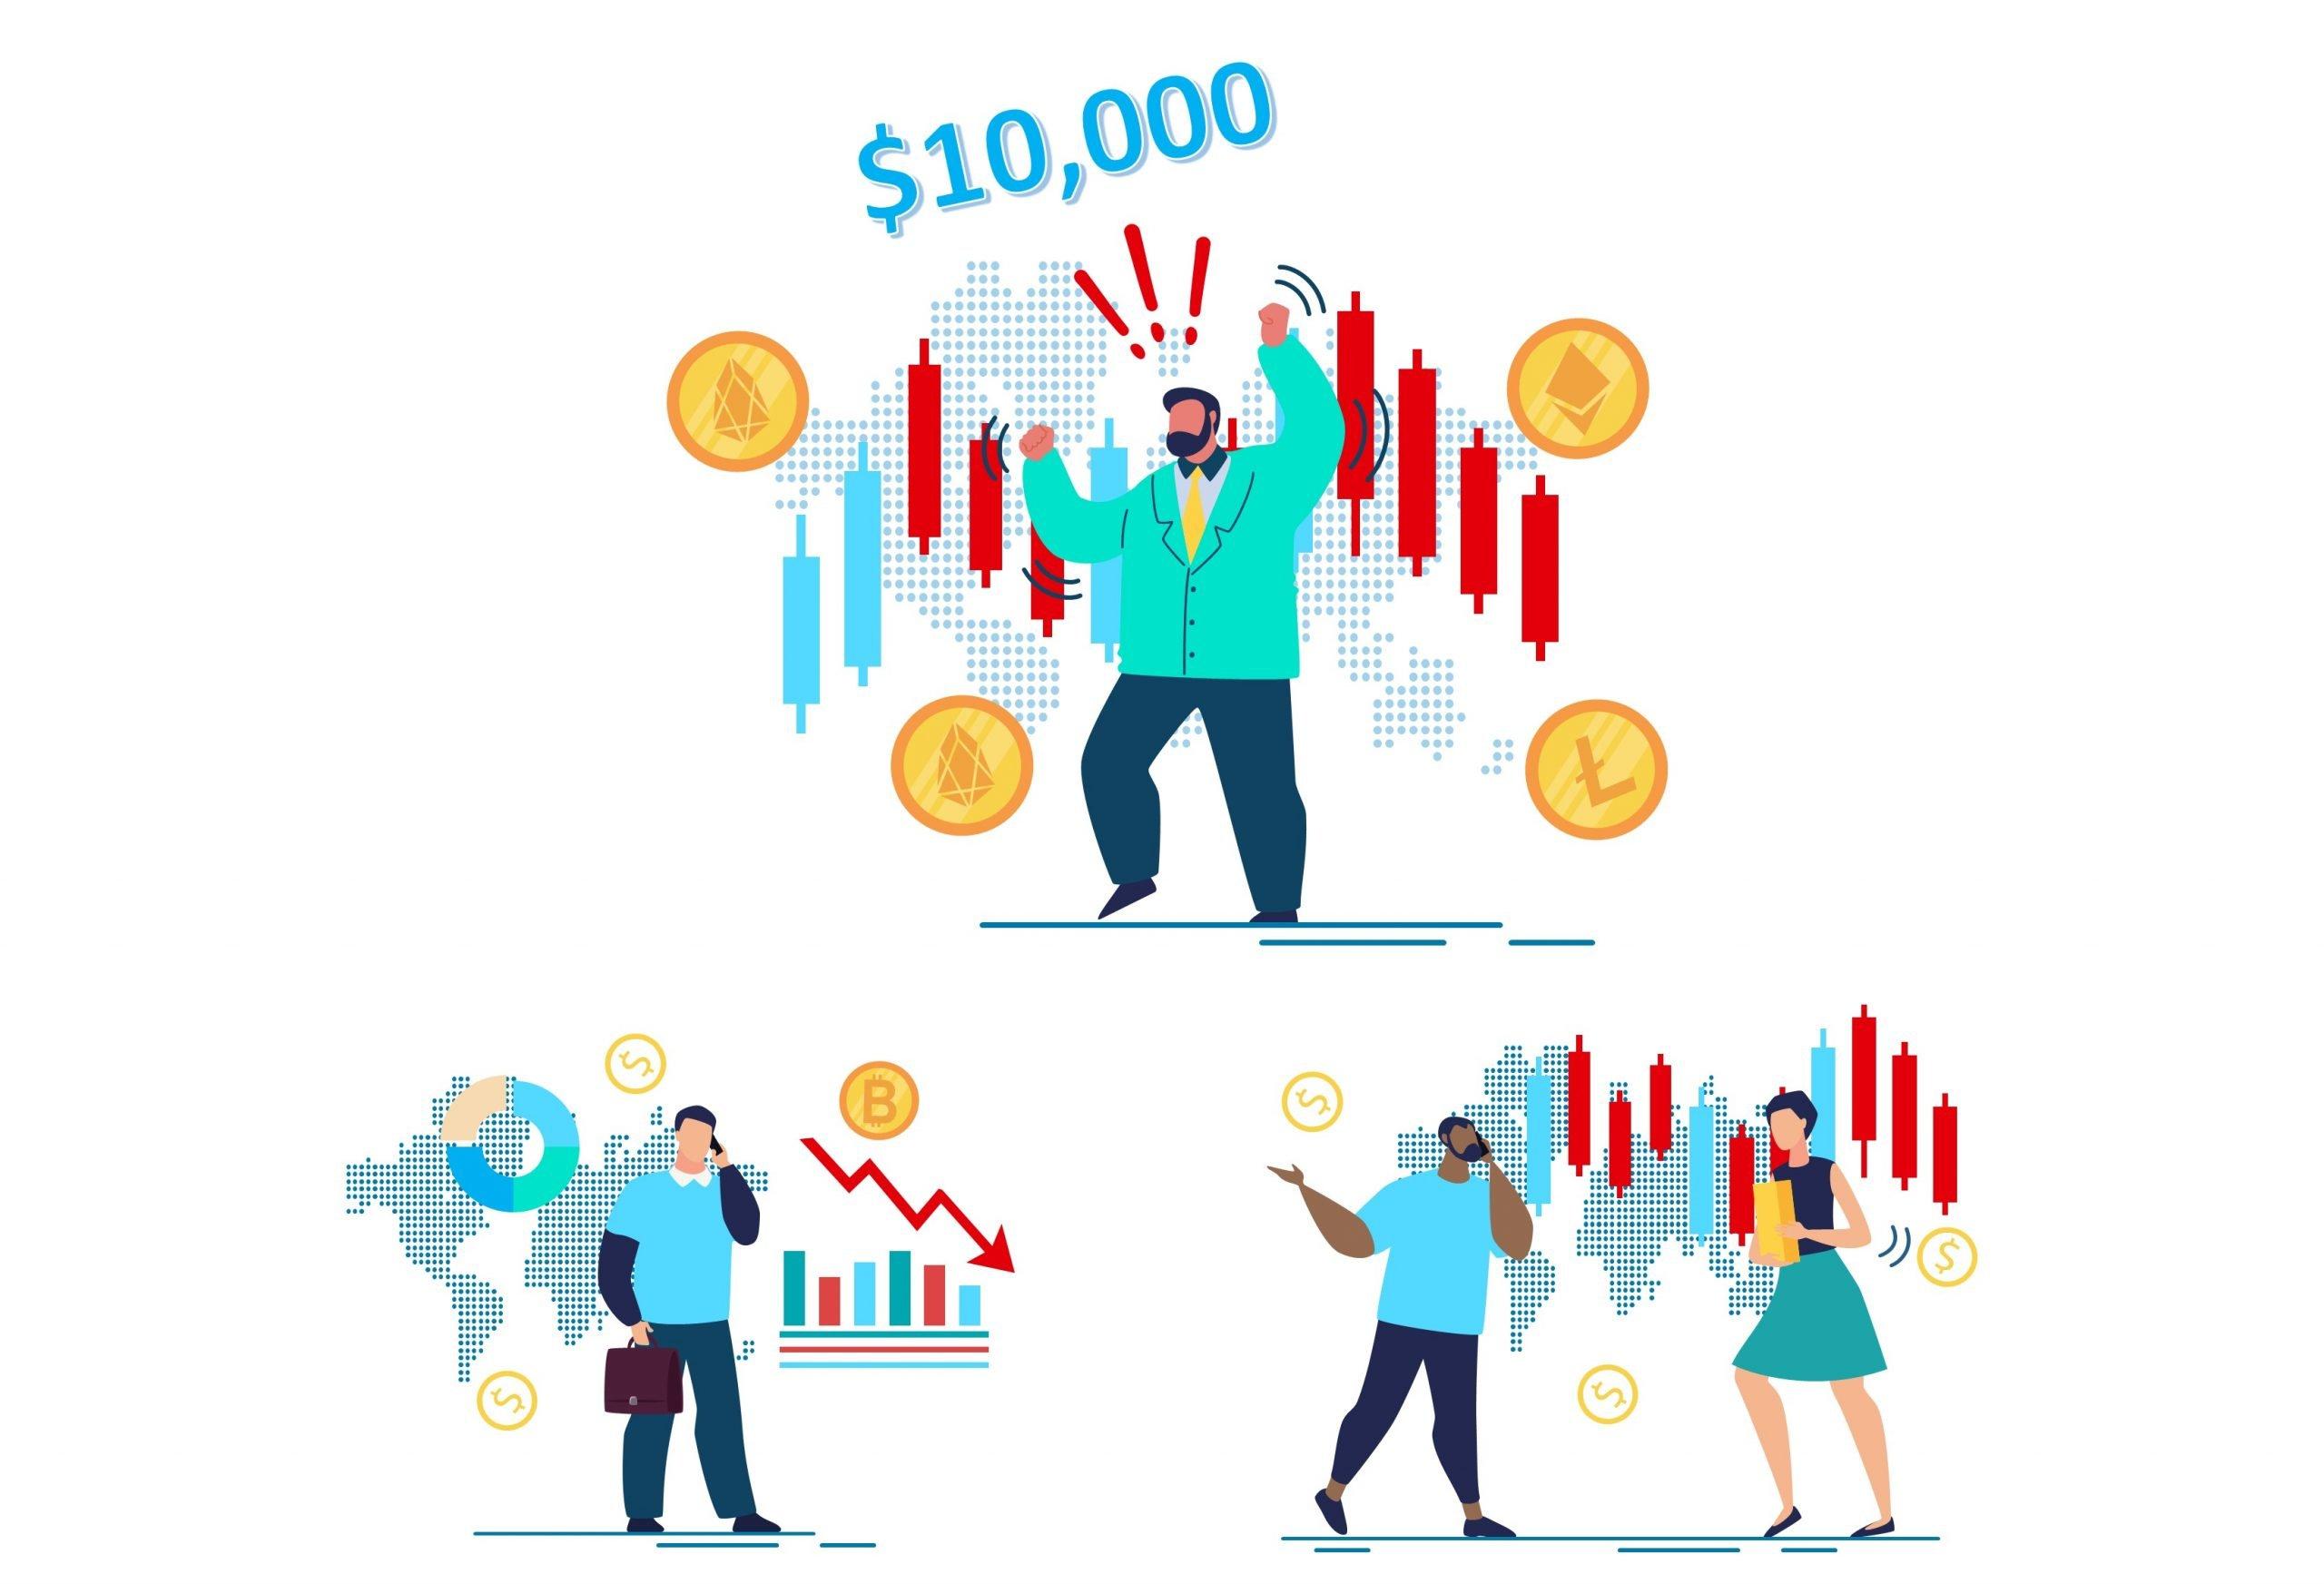 $10,000 trader